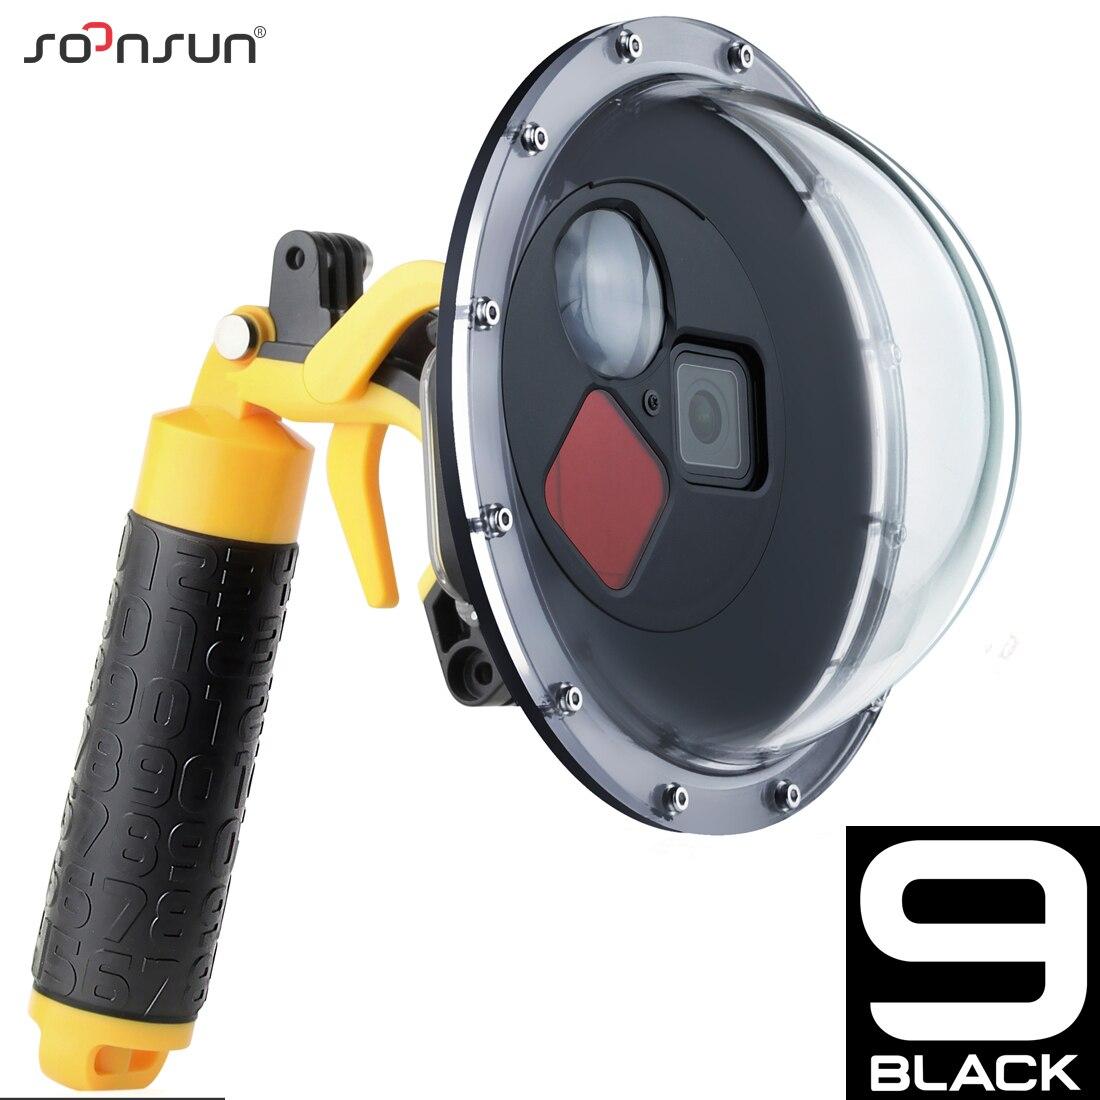 SOONSUN 45M фильтр переключаемый купольный порт водонепроницаемый чехол для дайвинга + триггер для GoPro Hero 9 Black Go Pro 9 аксессуар